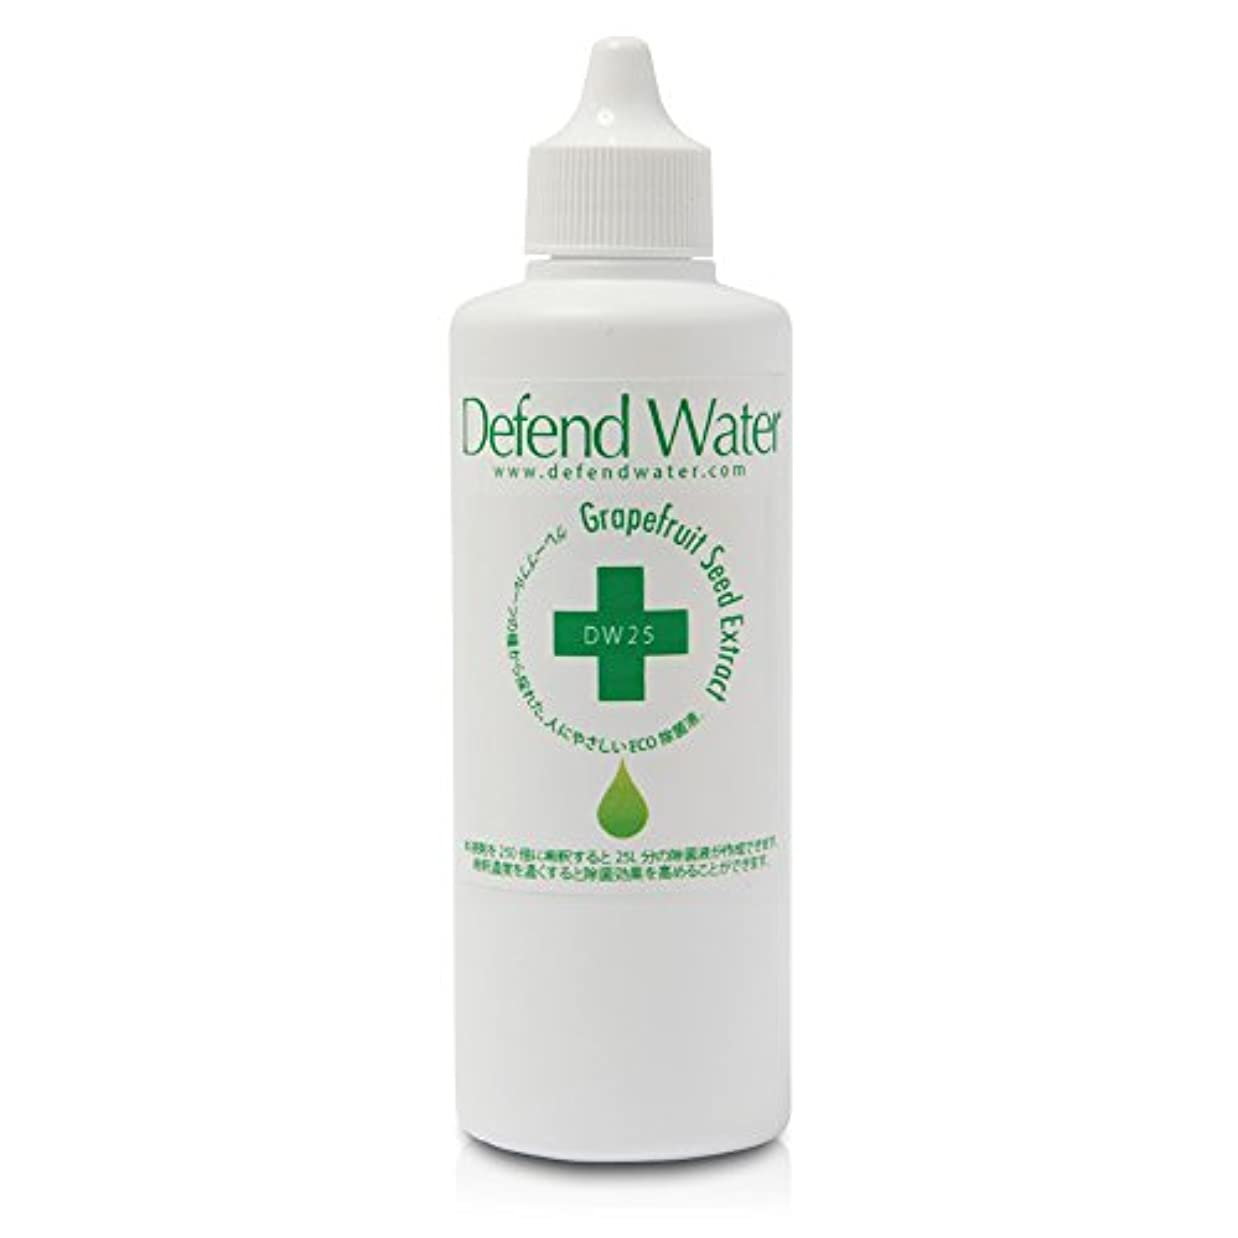 熱心な時期尚早安息アロマオイルと一緒に使う空間除菌液、天然エコ除菌液「ディフェンドウォーター」DW25:全国送料無料